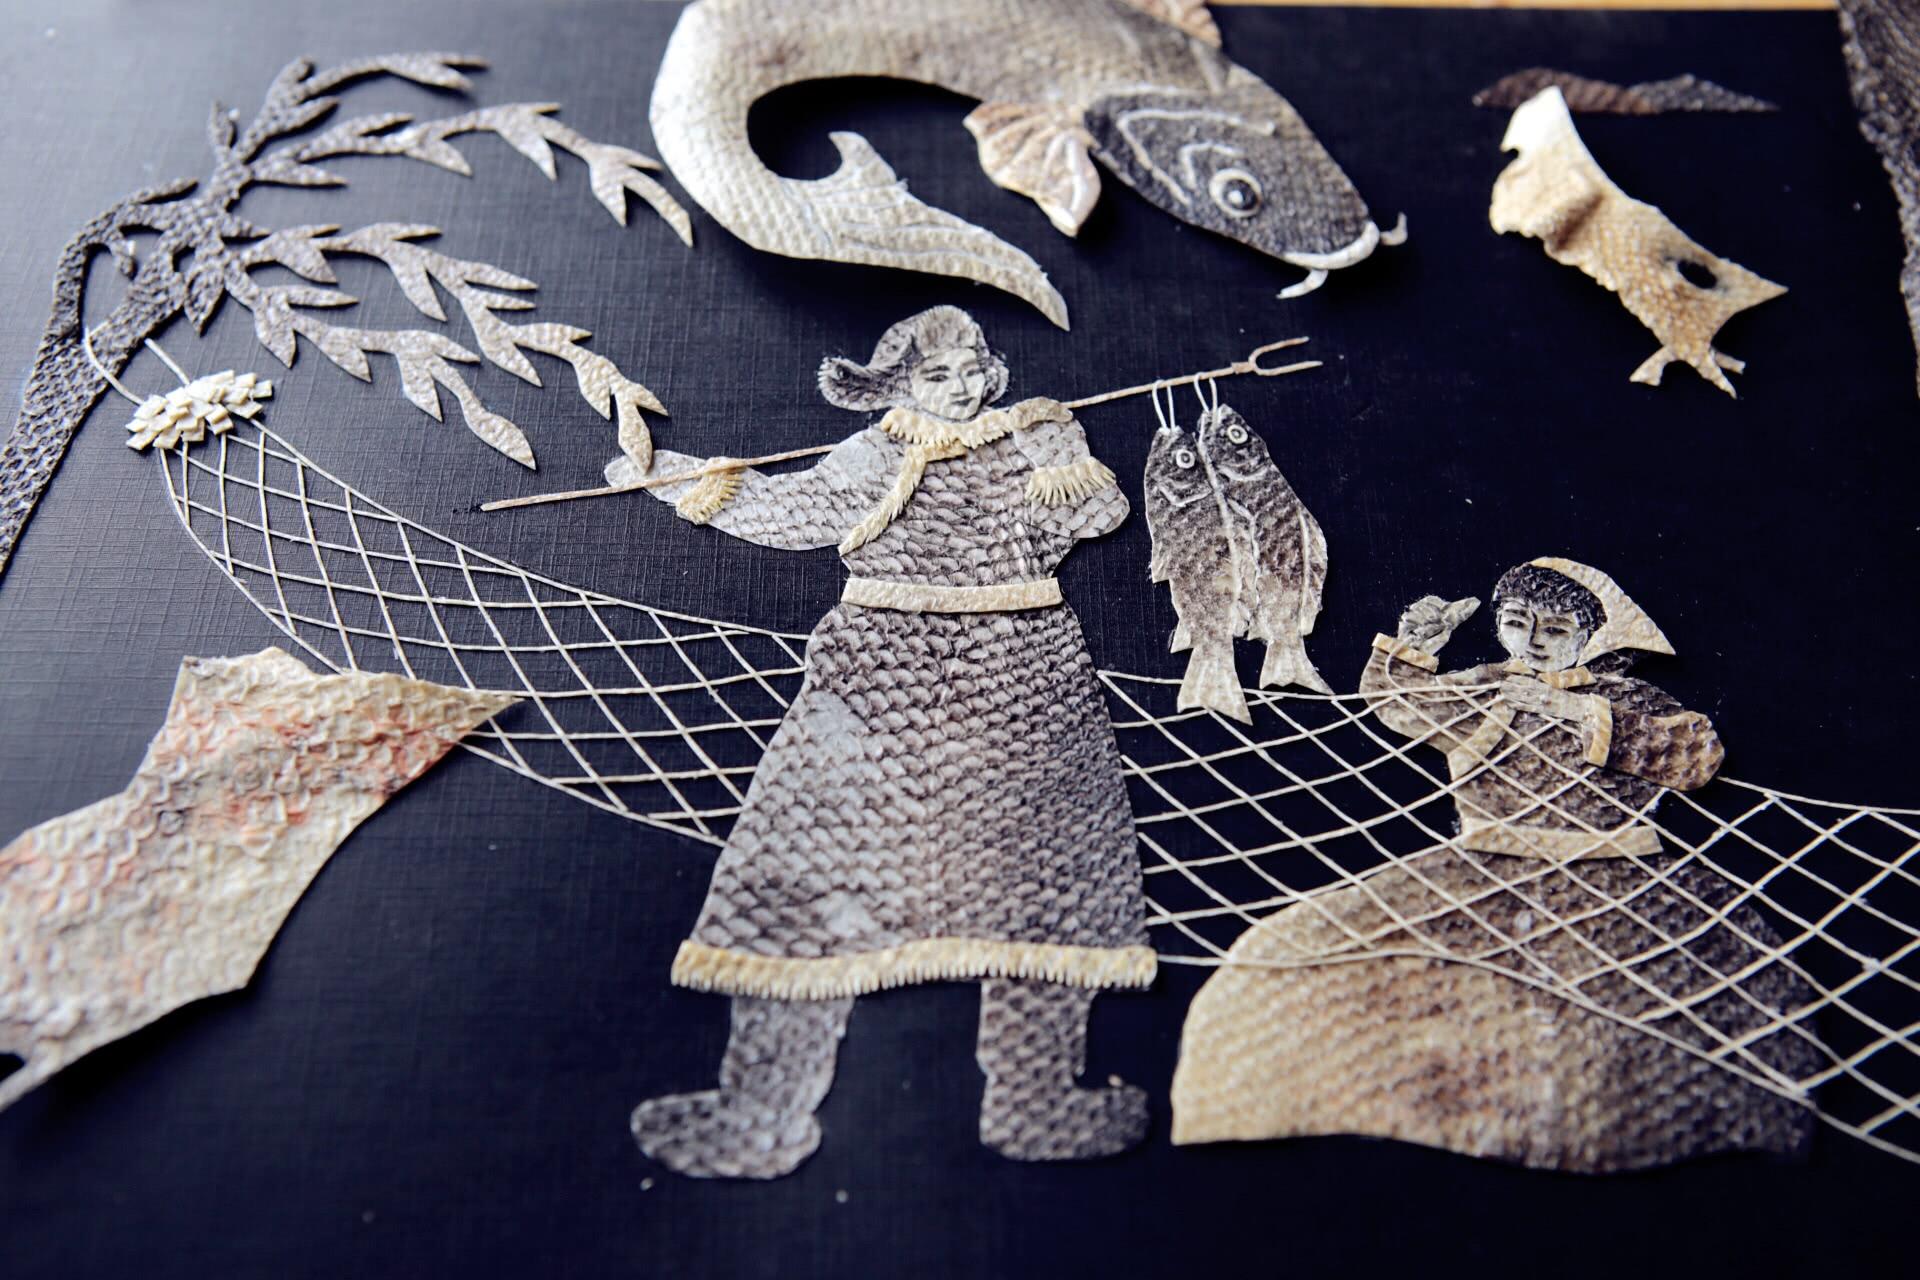 赫哲族在鱼皮方面衍生出很多旅游产品.